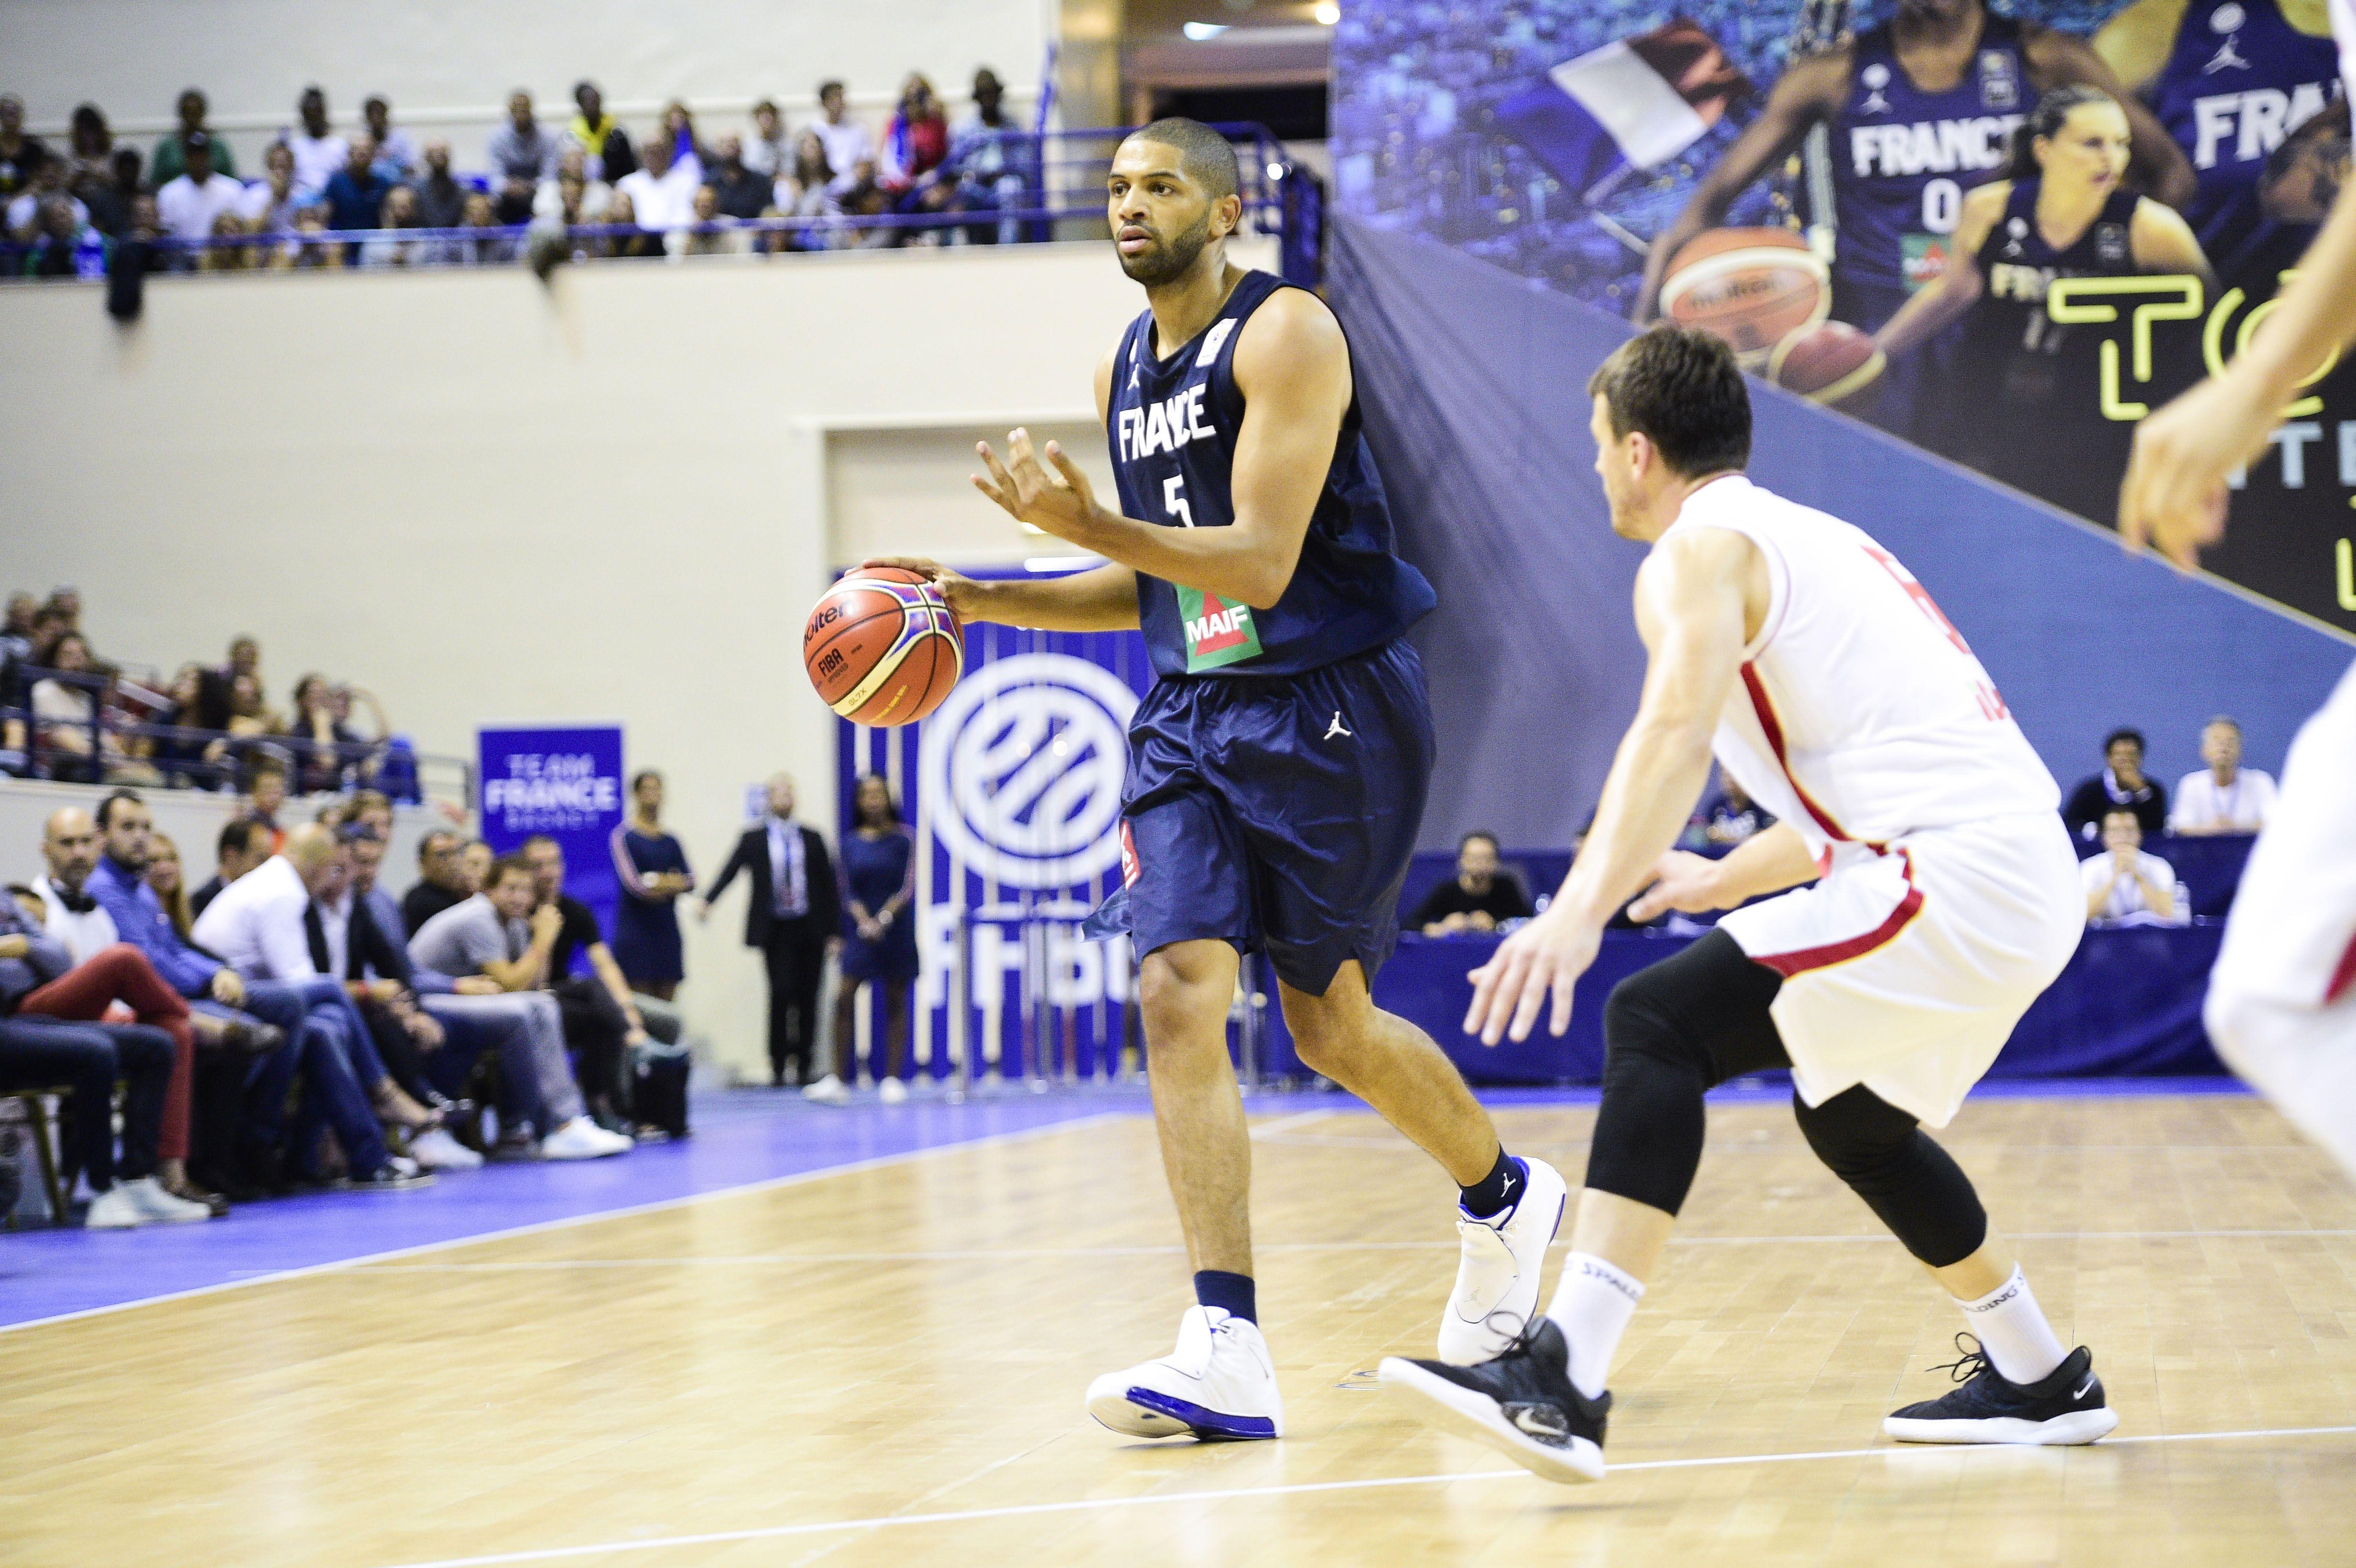 Basket - Equipe de France - Les Bleus démarrent fort et tiennent bon face au Monténégro